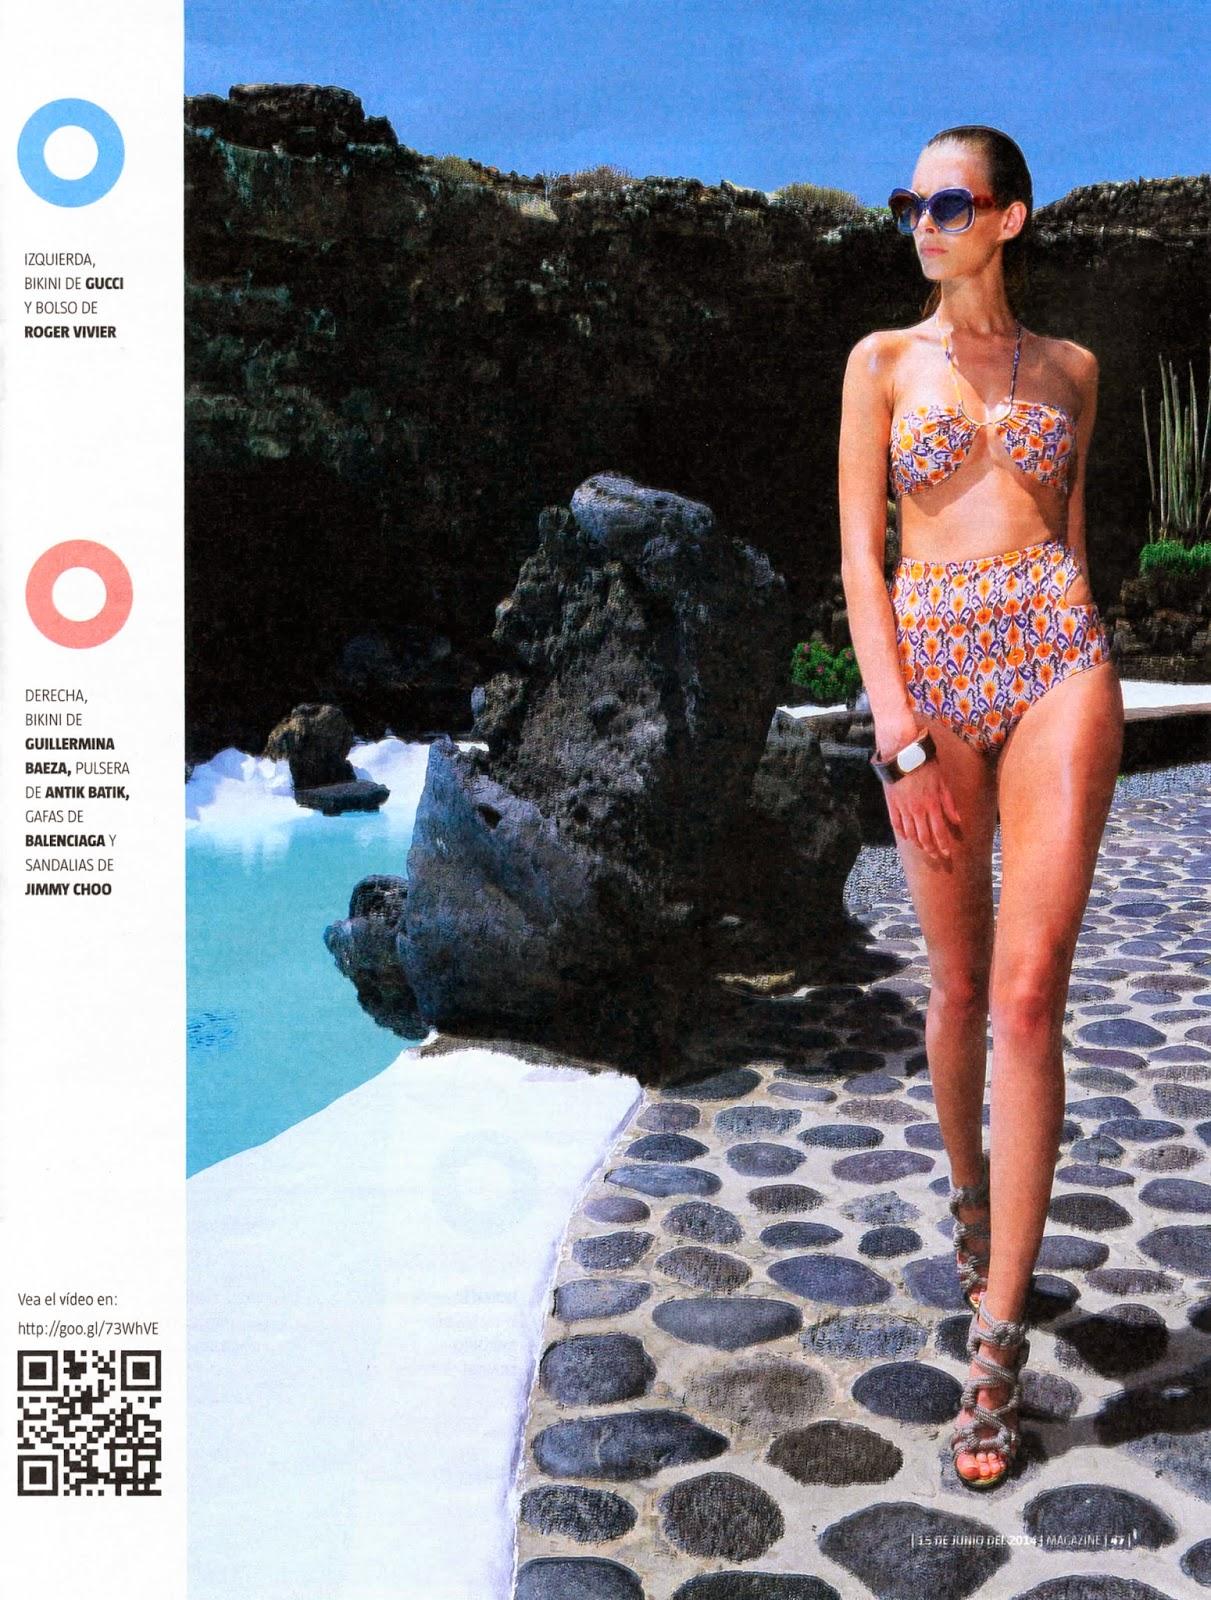 Bikini Joyce Verheyen nude photos 2019